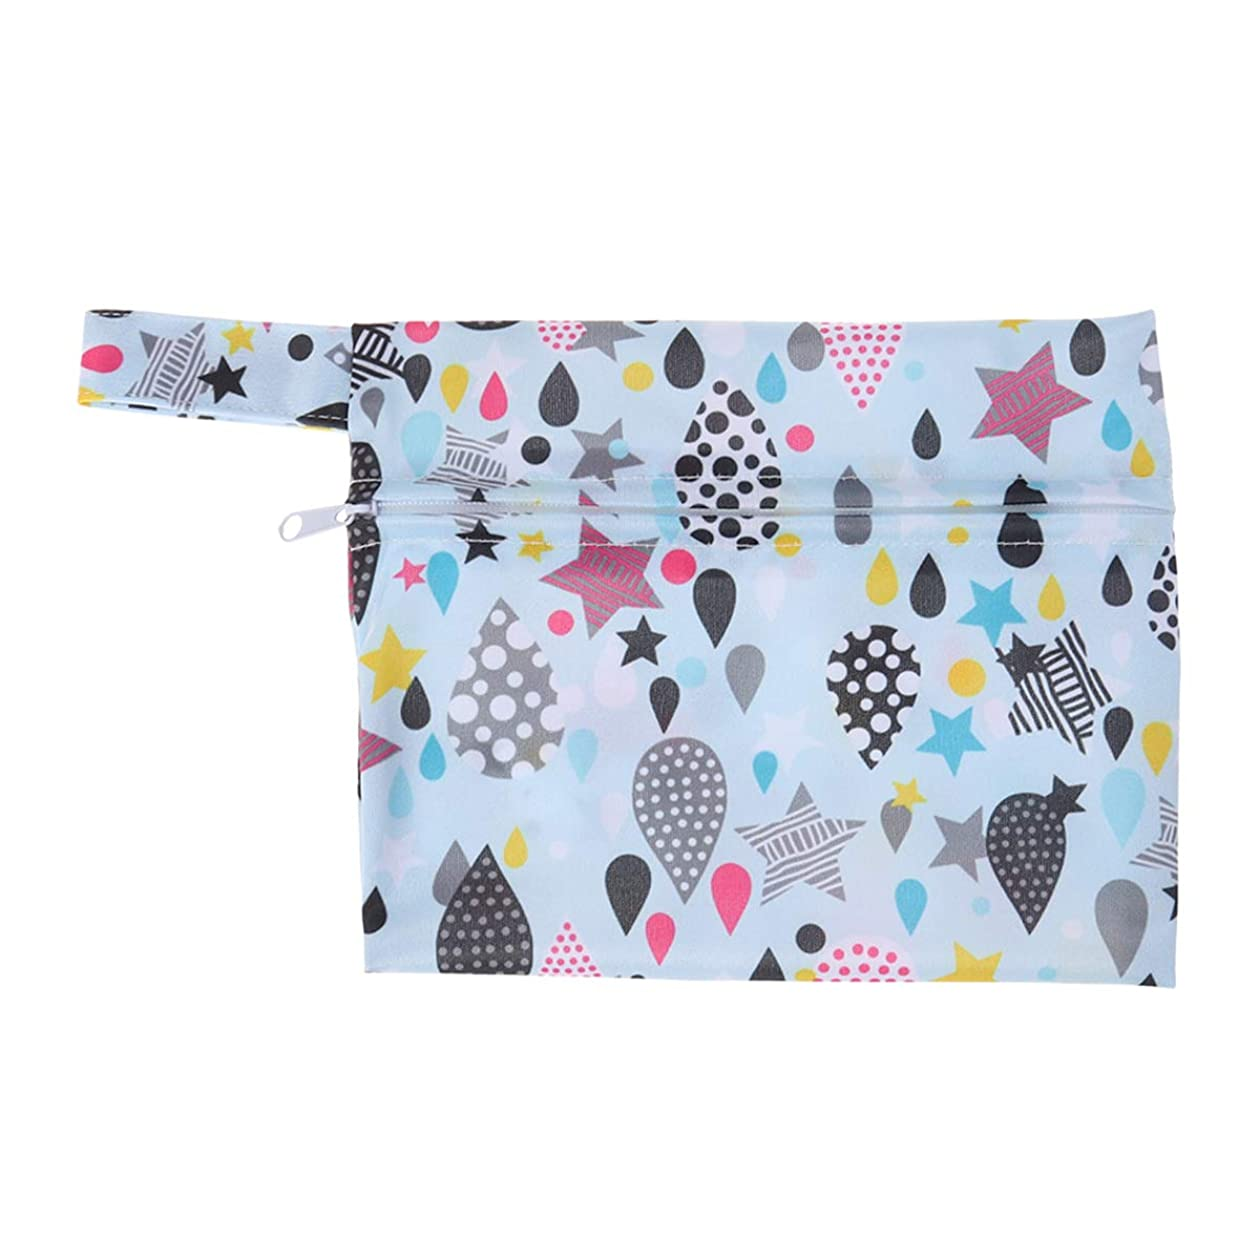 ナプキン商品主観的SUPVOX 女の子のためのジッパーサニタリーパッドオーガナイザーポーチ付き生理用ナプキンバッグ